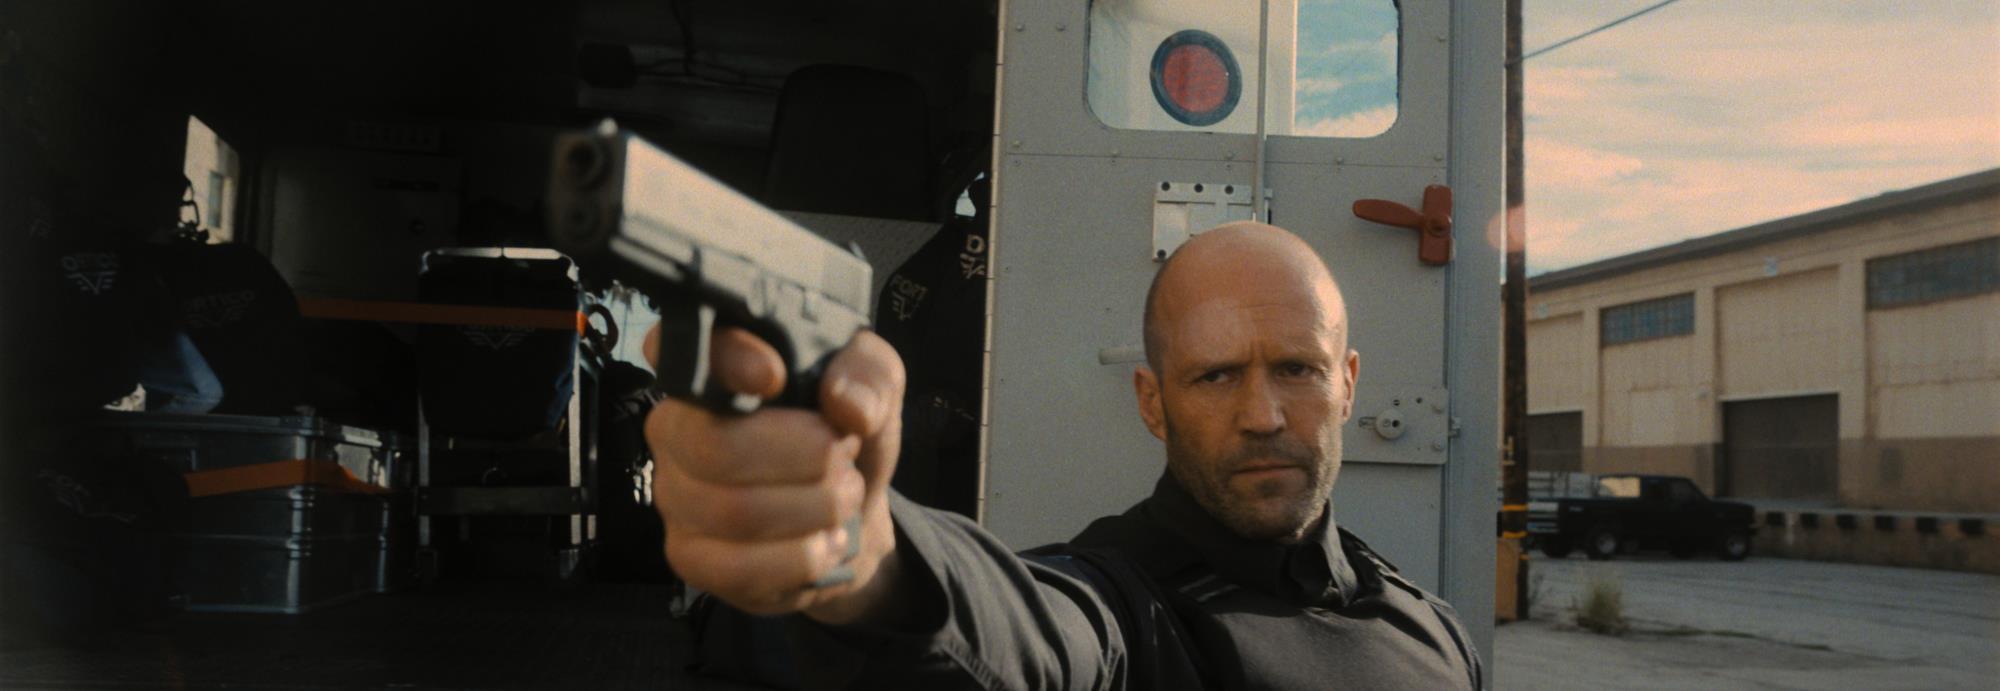 杰森·斯坦森:两部影片合作盖·里奇,《敢死队4》已经启动